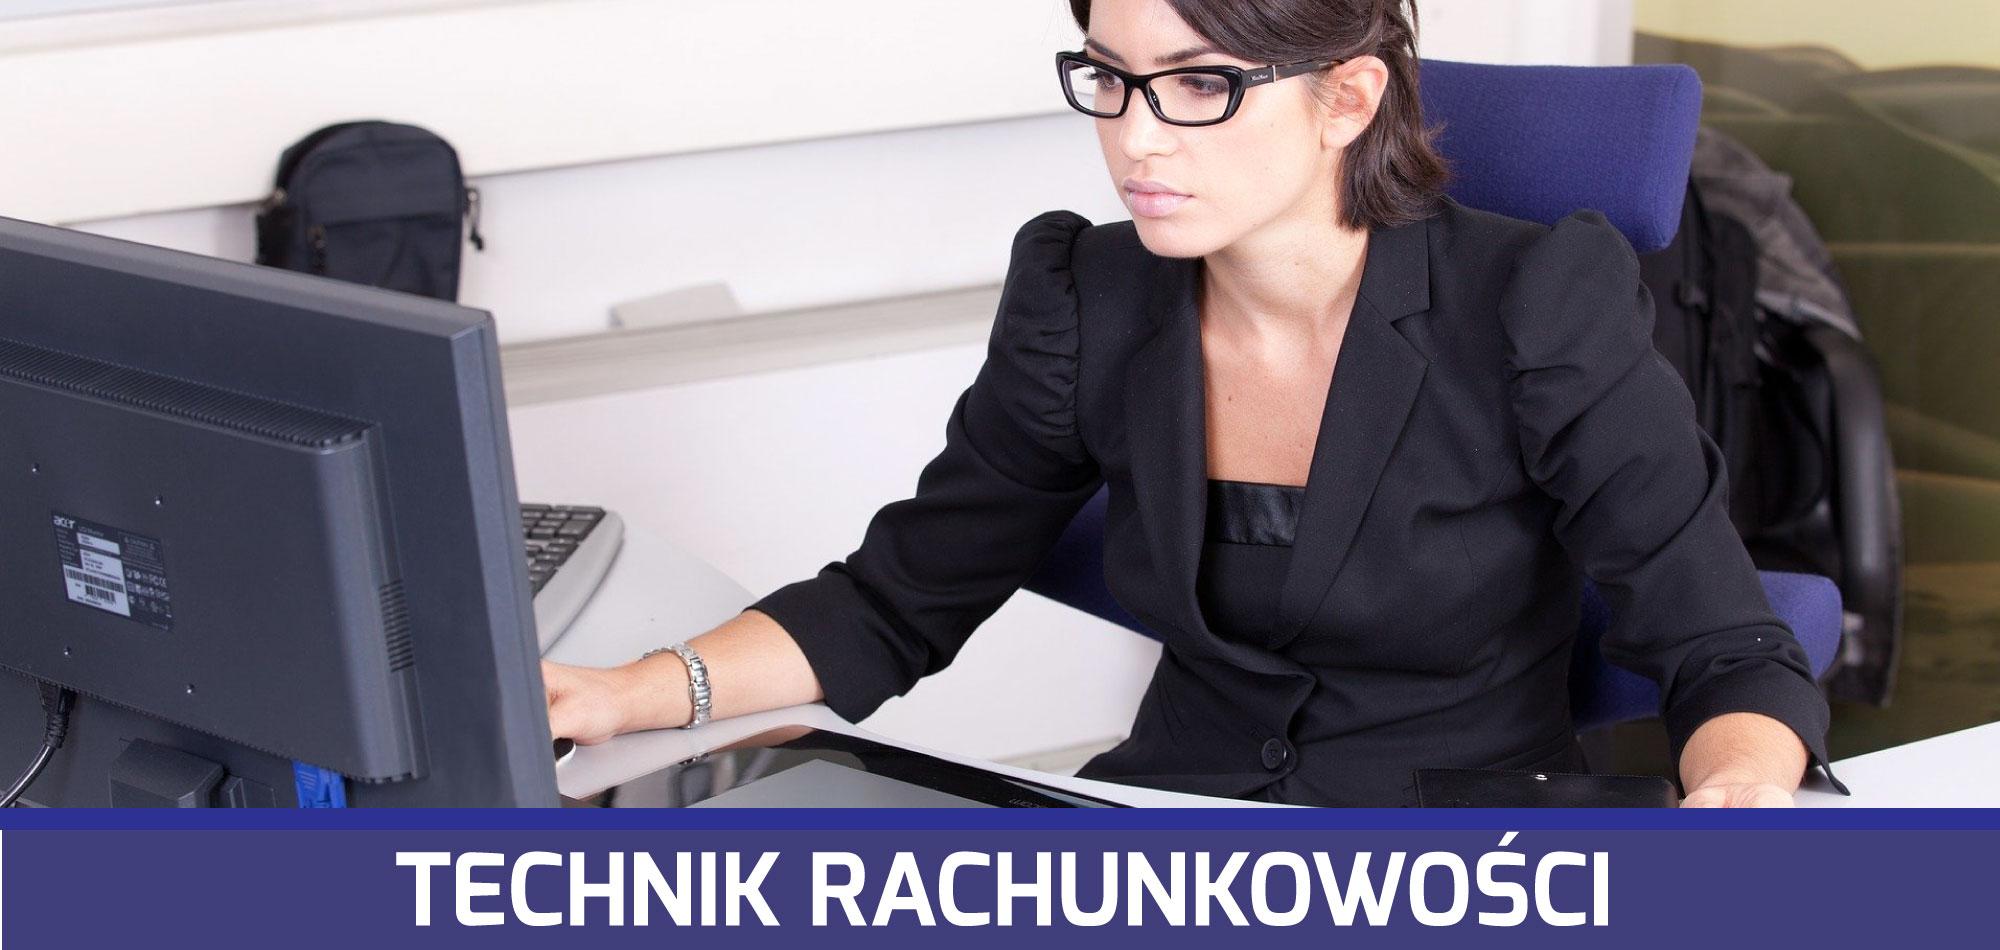 Technik rachunkowości | Technikum Nr 1 w Zamościu